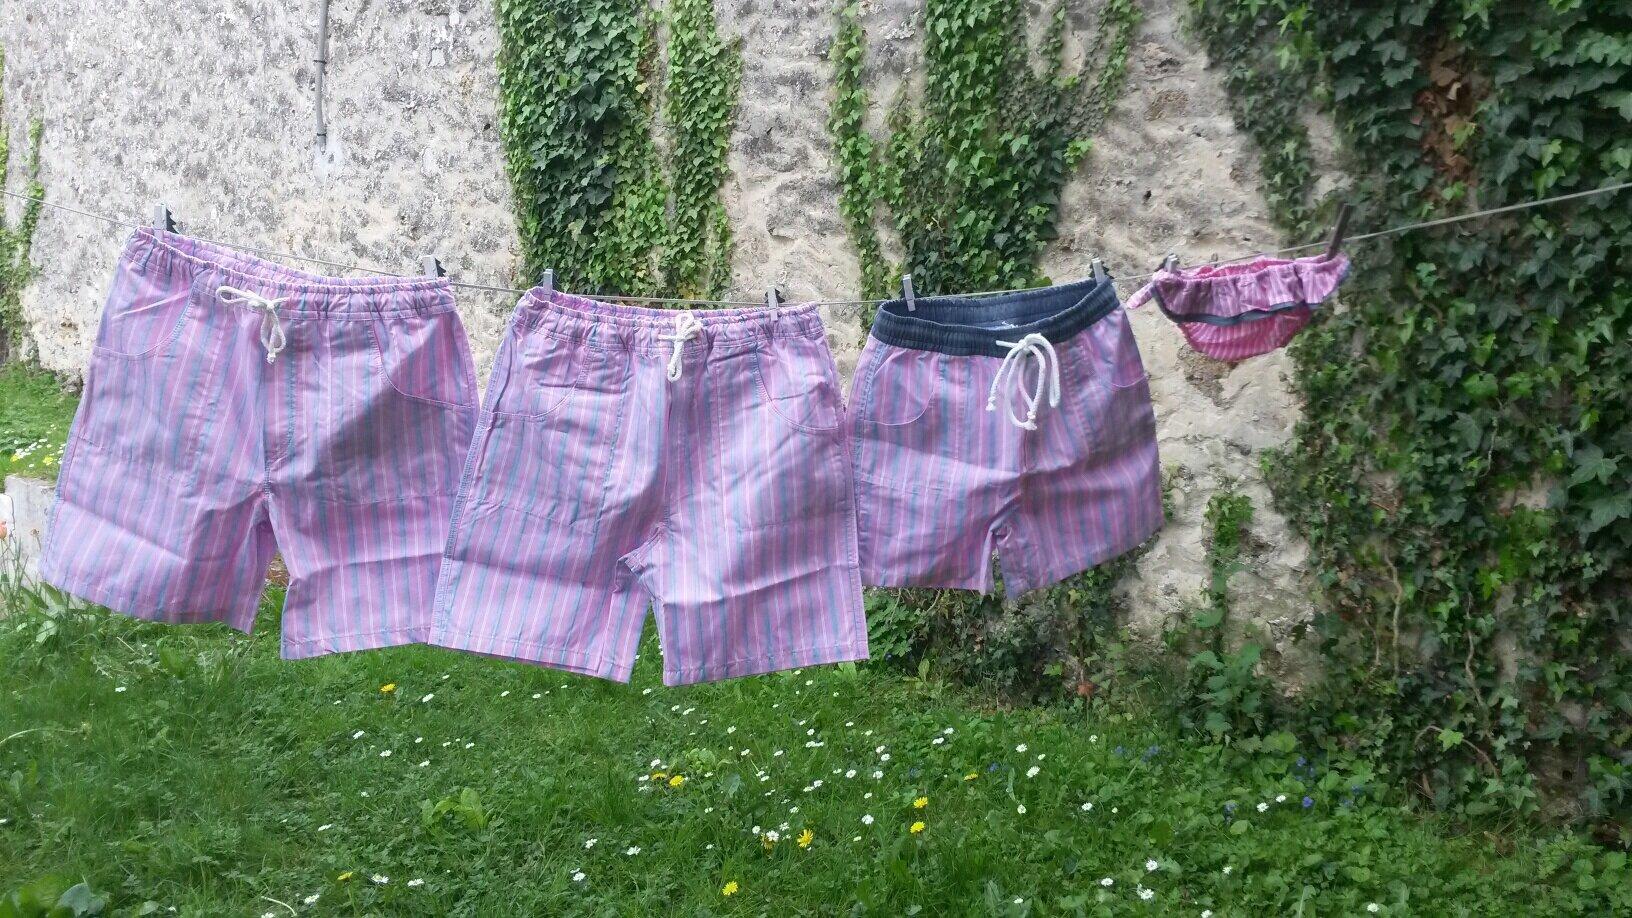 38336c739efa0 Opération maillots de bain pour les 4 loustics ! - Shopping-Addict à ...